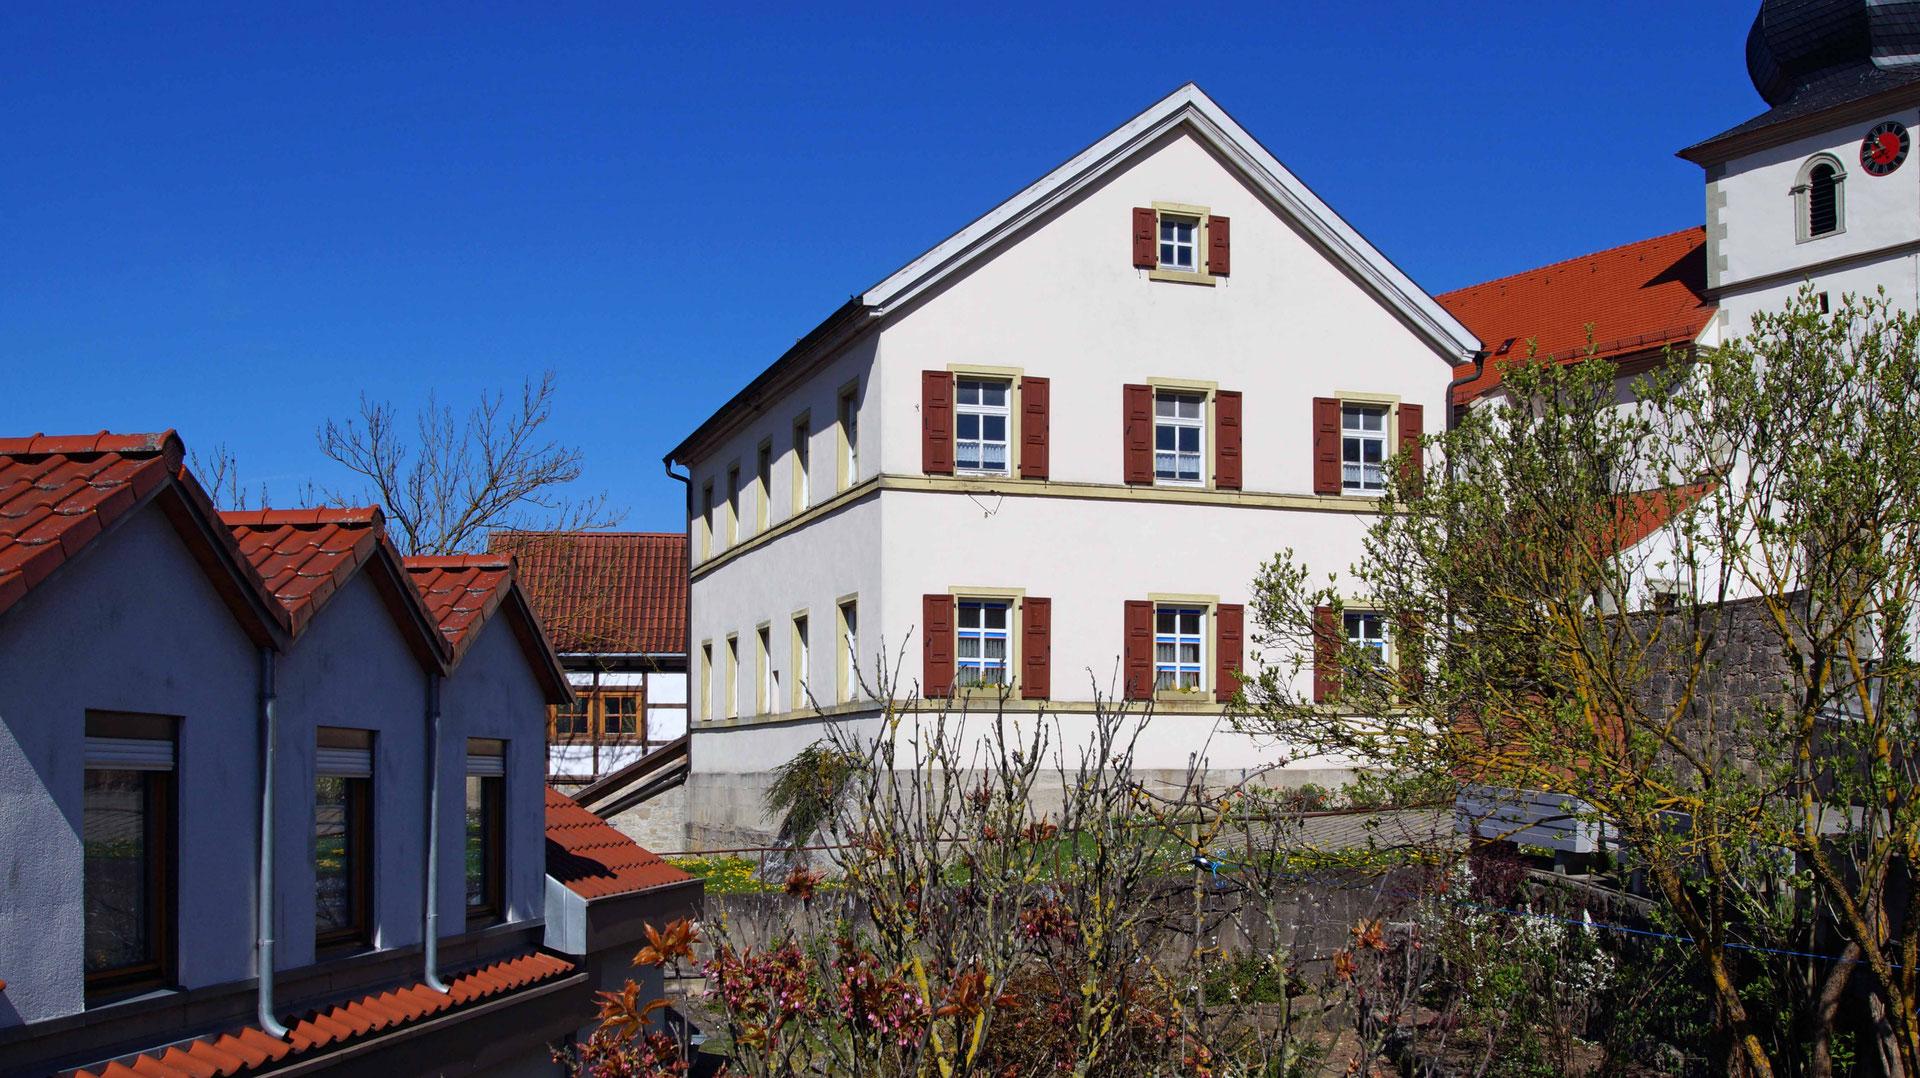 immobilie selbst verkaufen wir helfen immo ohne makler schweinfurt. Black Bedroom Furniture Sets. Home Design Ideas